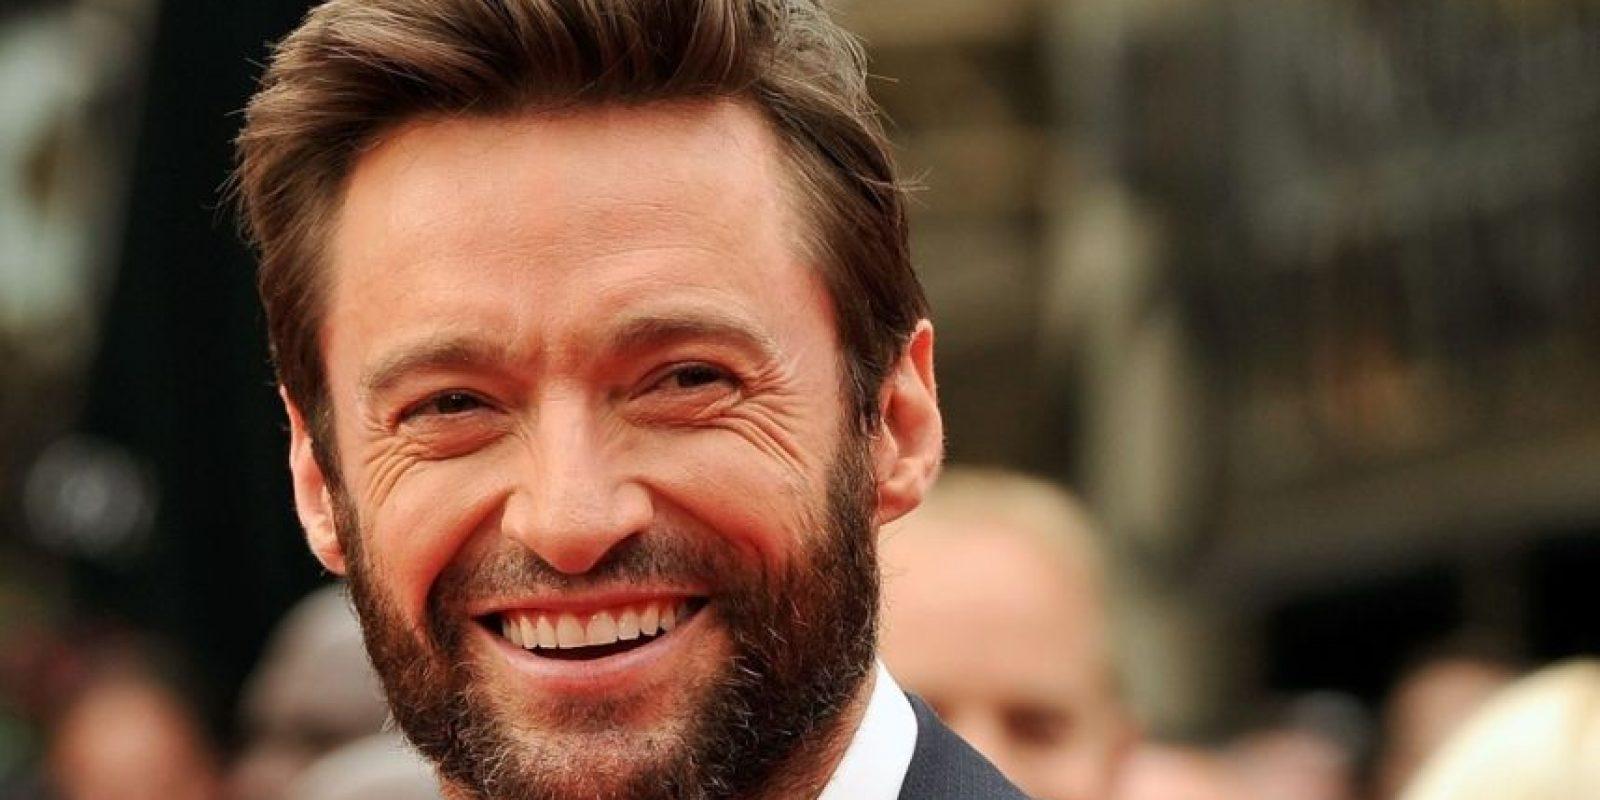 Este hombre es rudo y no se preocupa por la cosmética Foto:Getty Images